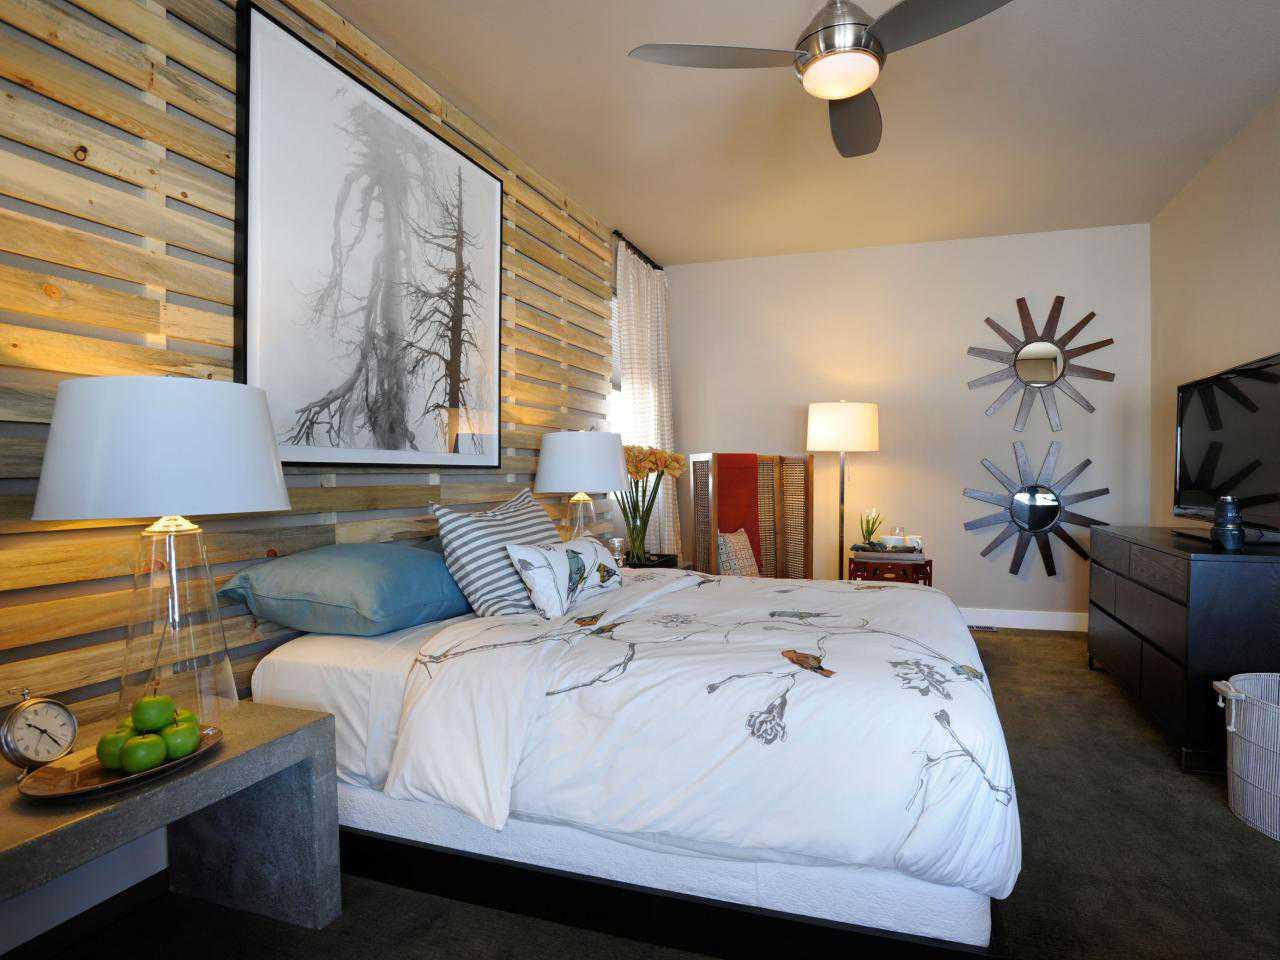 Popular quiet ceiling fans for bedroom quiet ceiling fans for bedroom